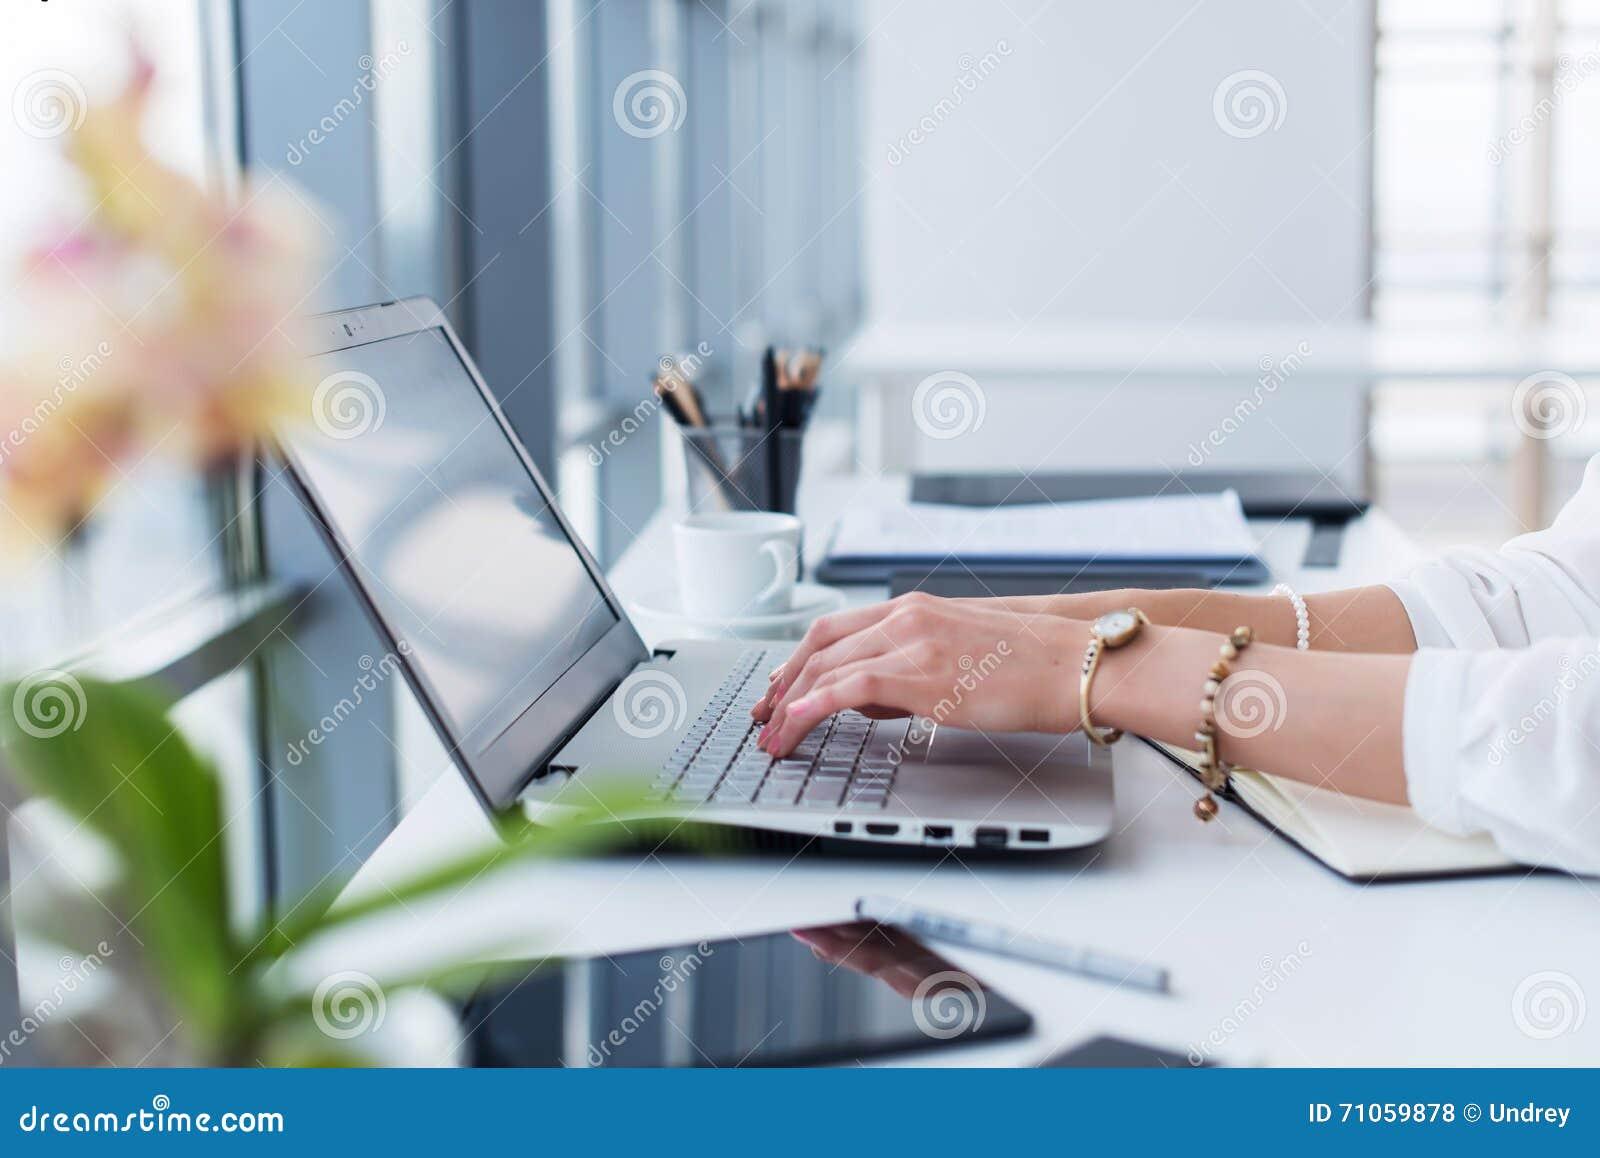 Weiblicher Werbetexter an ihrem Arbeitsplatz, Haus, neuen Text unter Verwendung des Laptops und Wi-Fiinternetanschlusses morgens